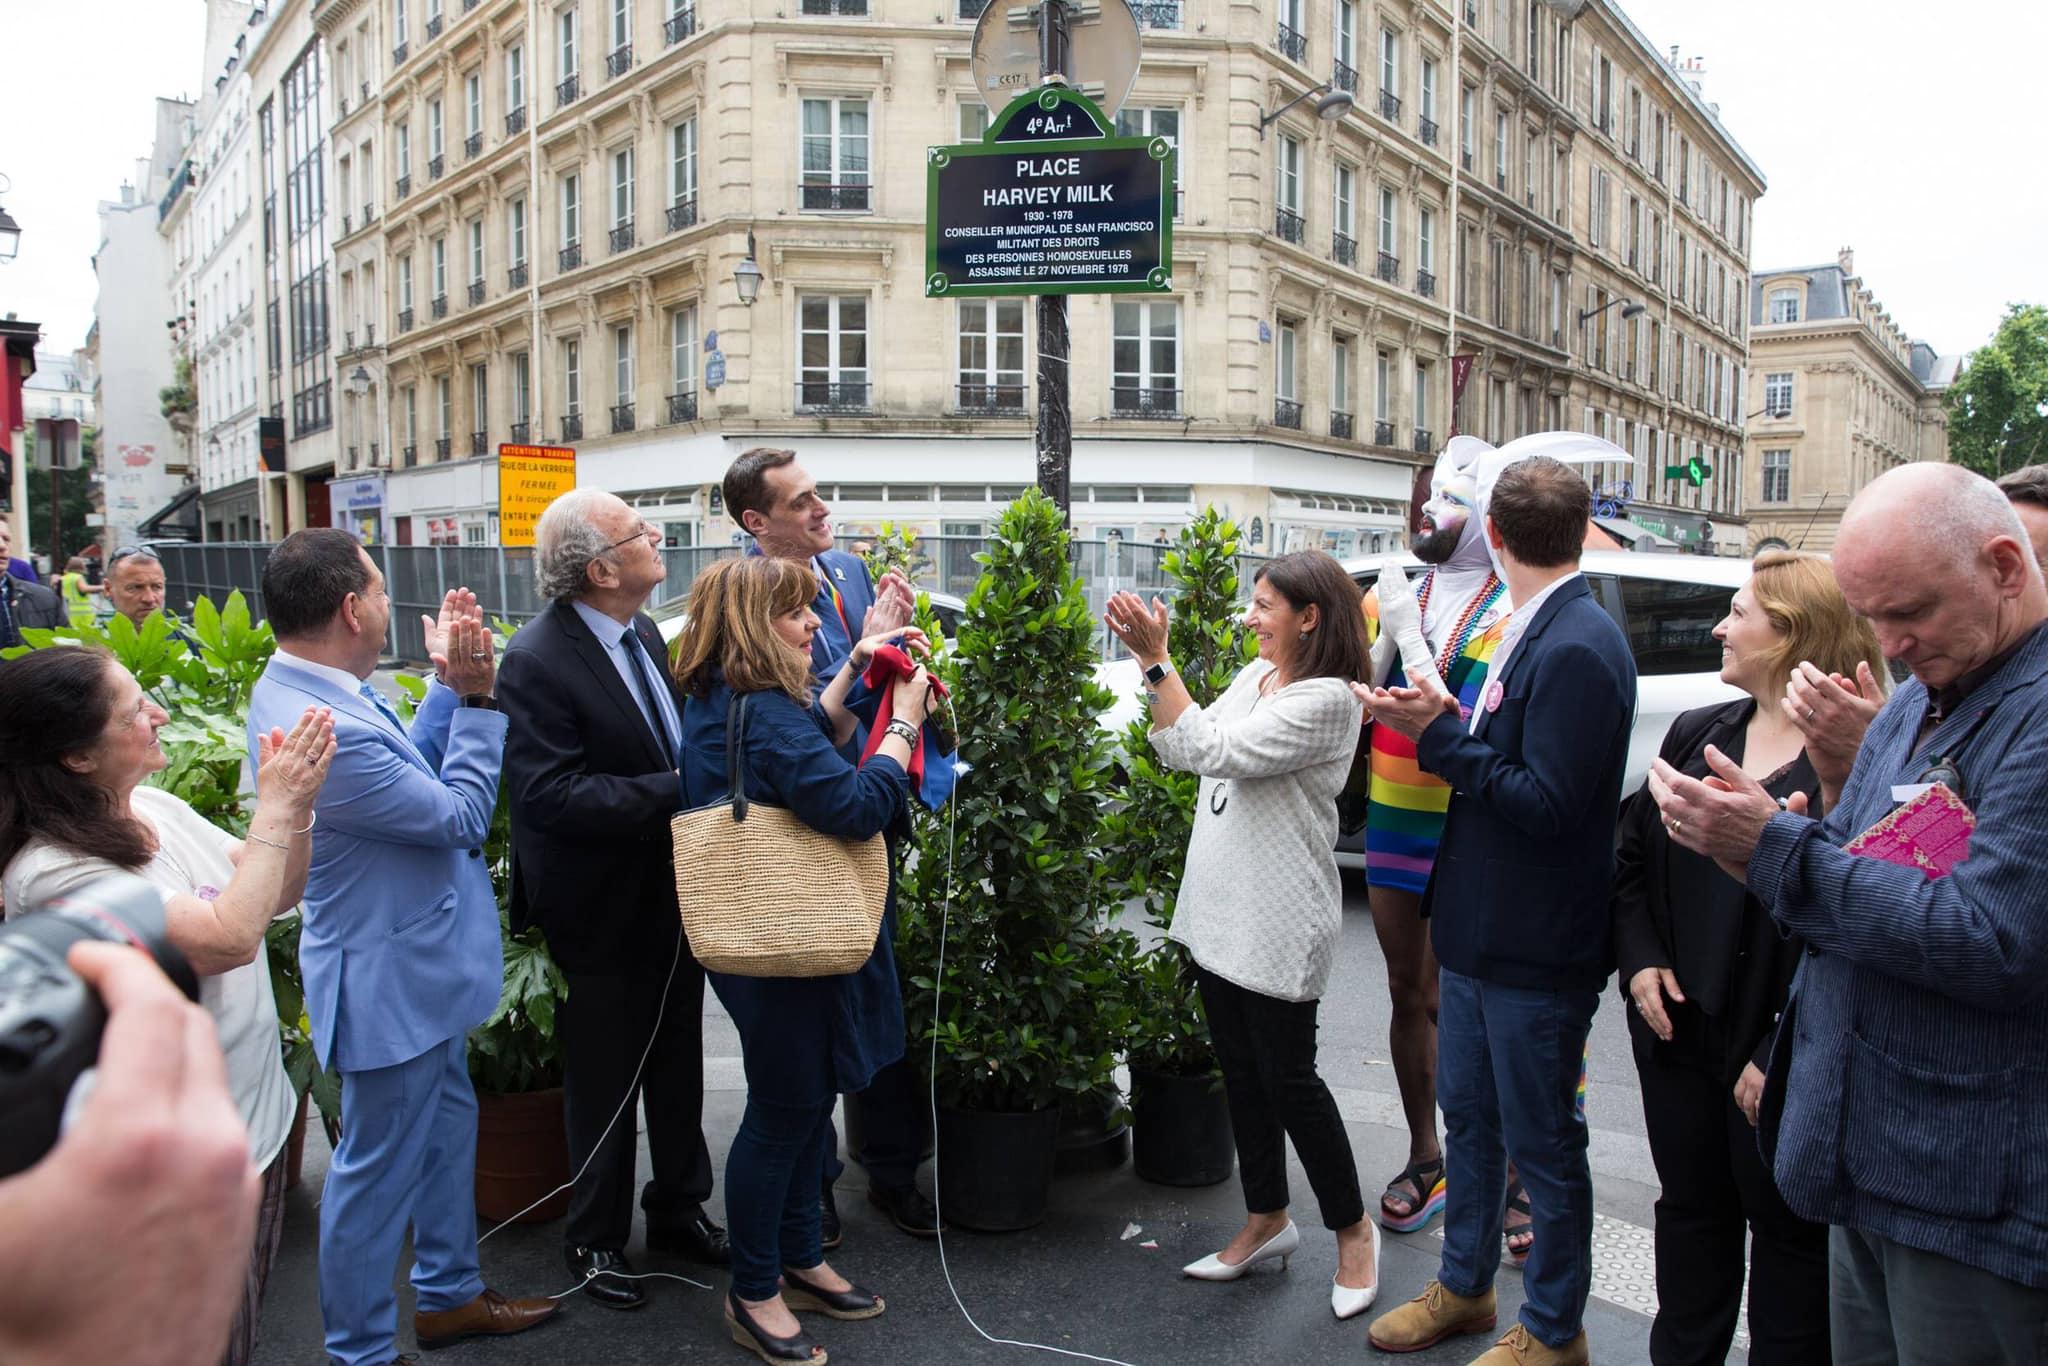 Híres melegjogi vezetőkről neveztek el köztereket Párizsban